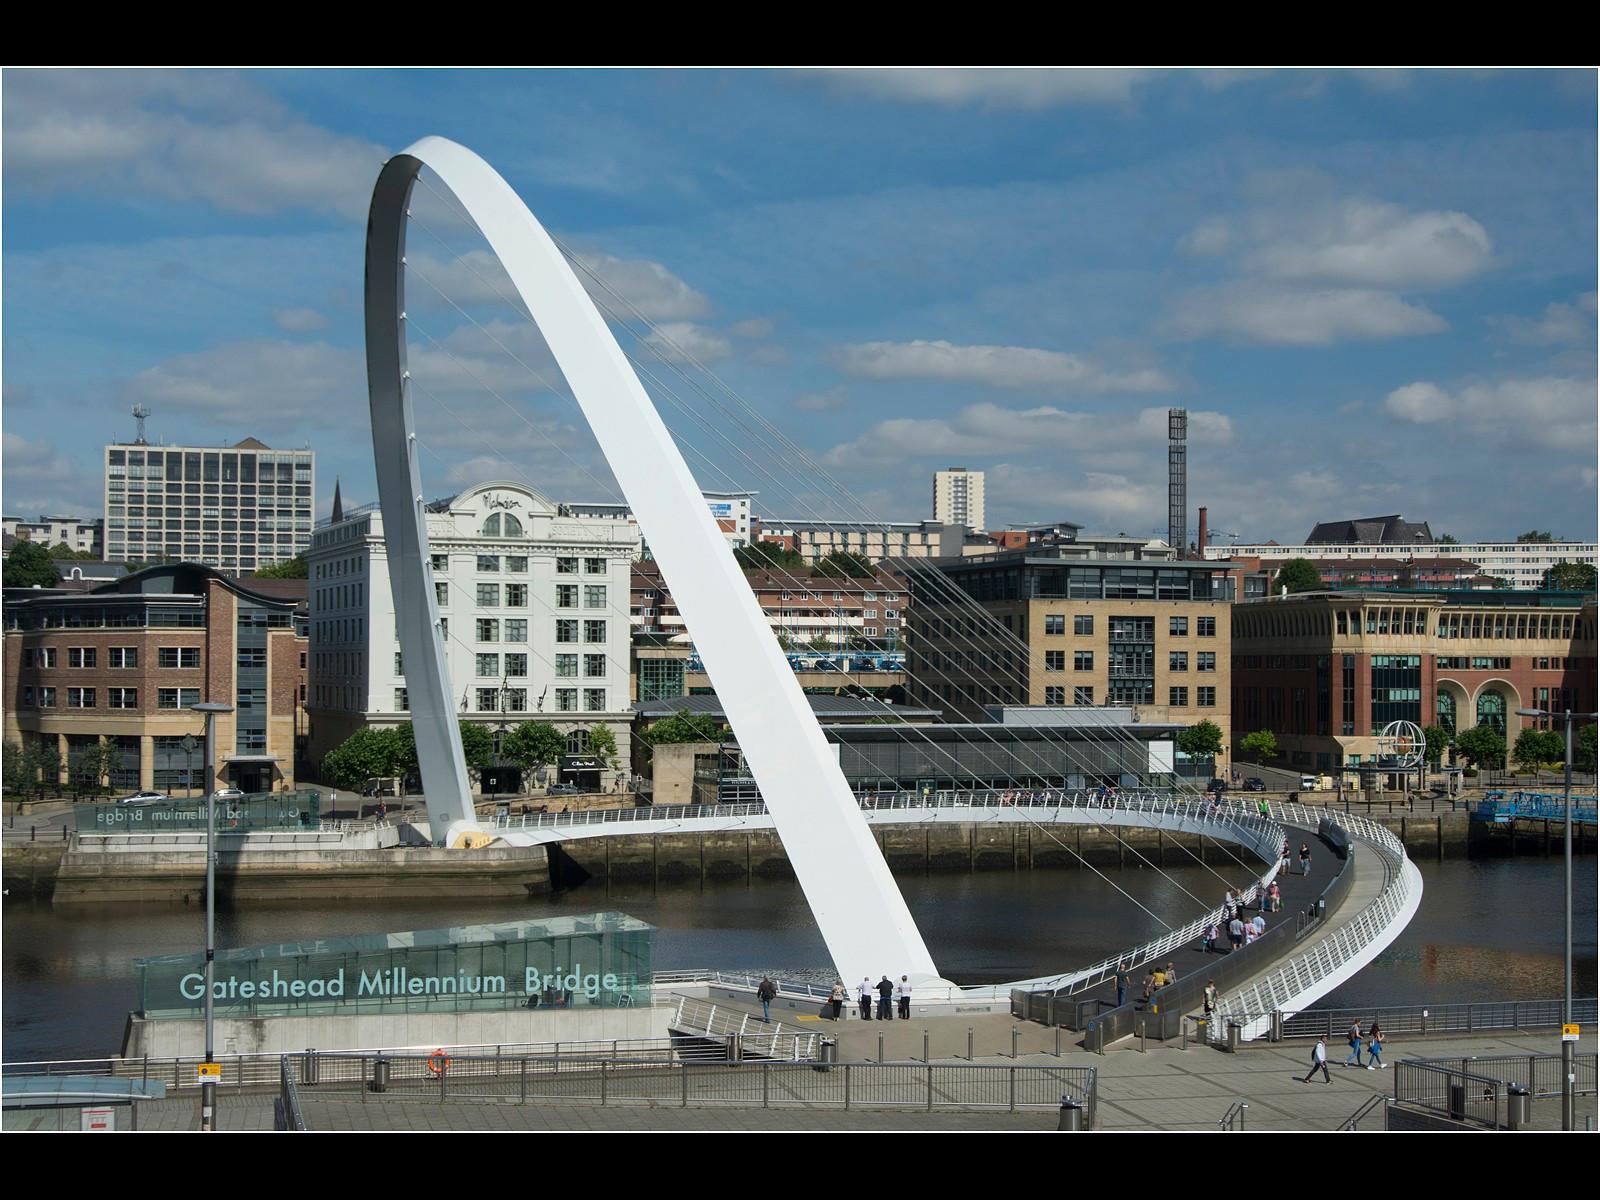 32. Gateshead Millennium Bridge